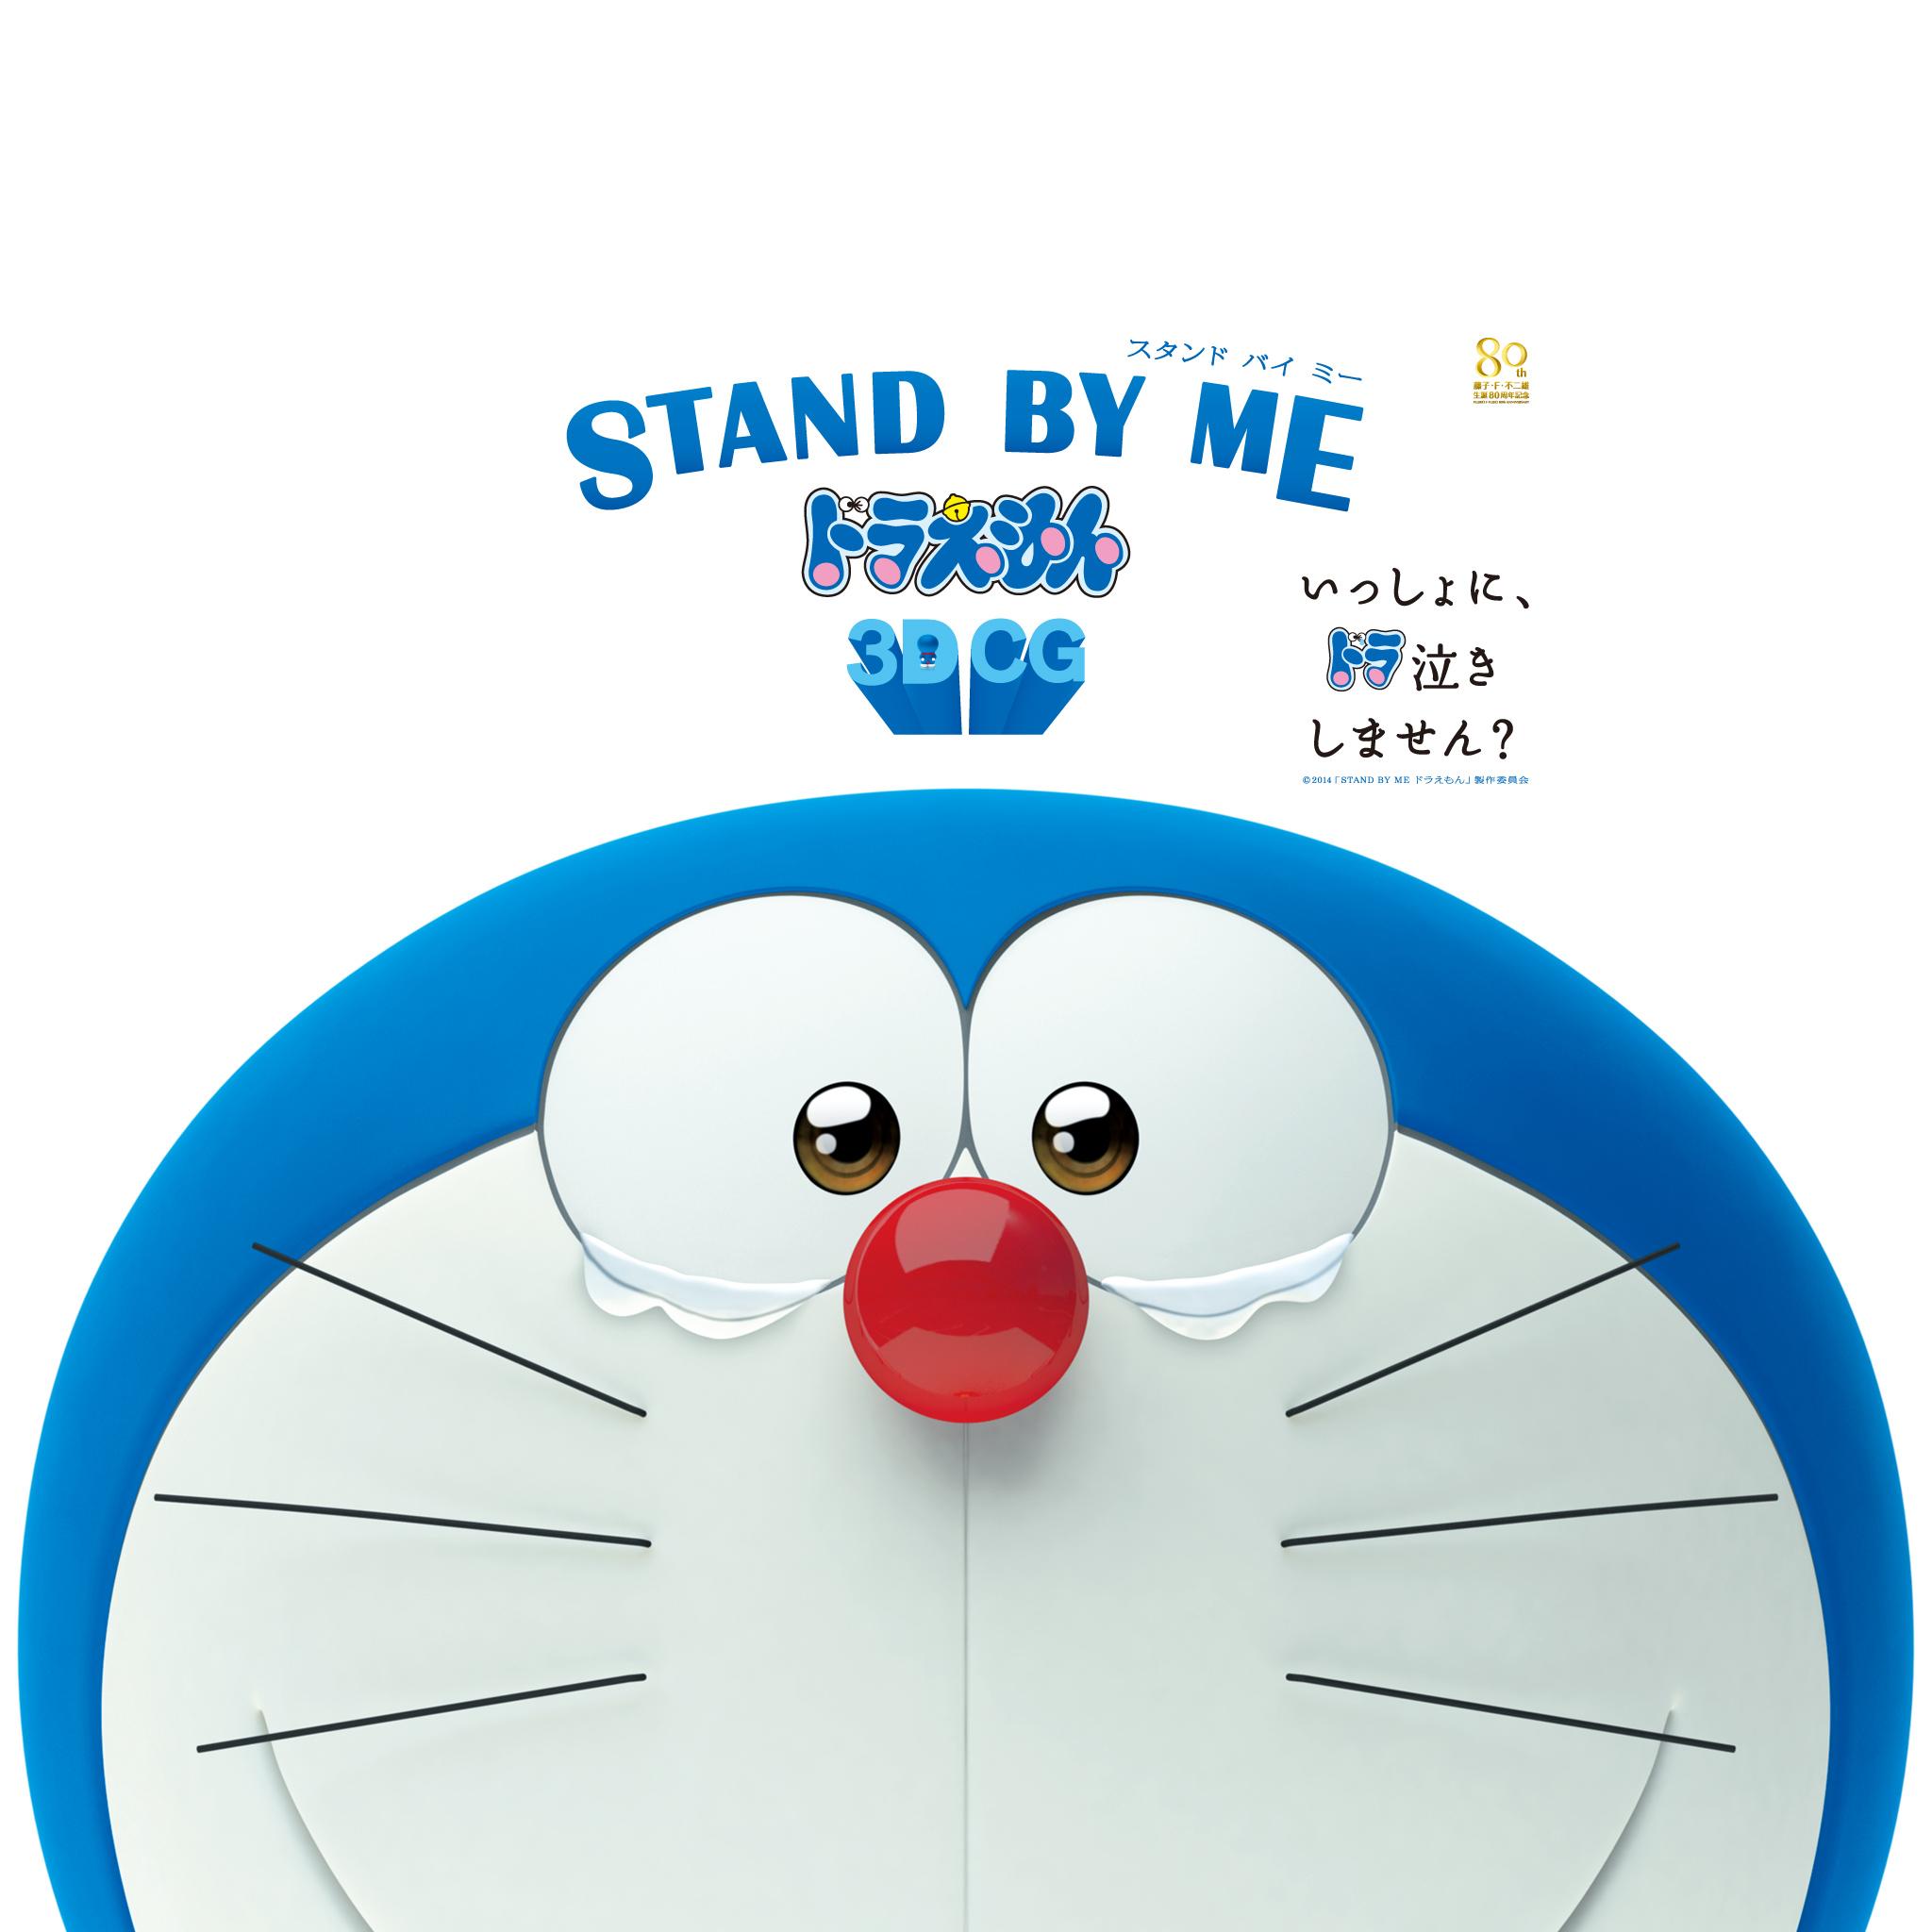 壁紙ダウンロード 映画 Stand By Me ドラえもん 公式サイト